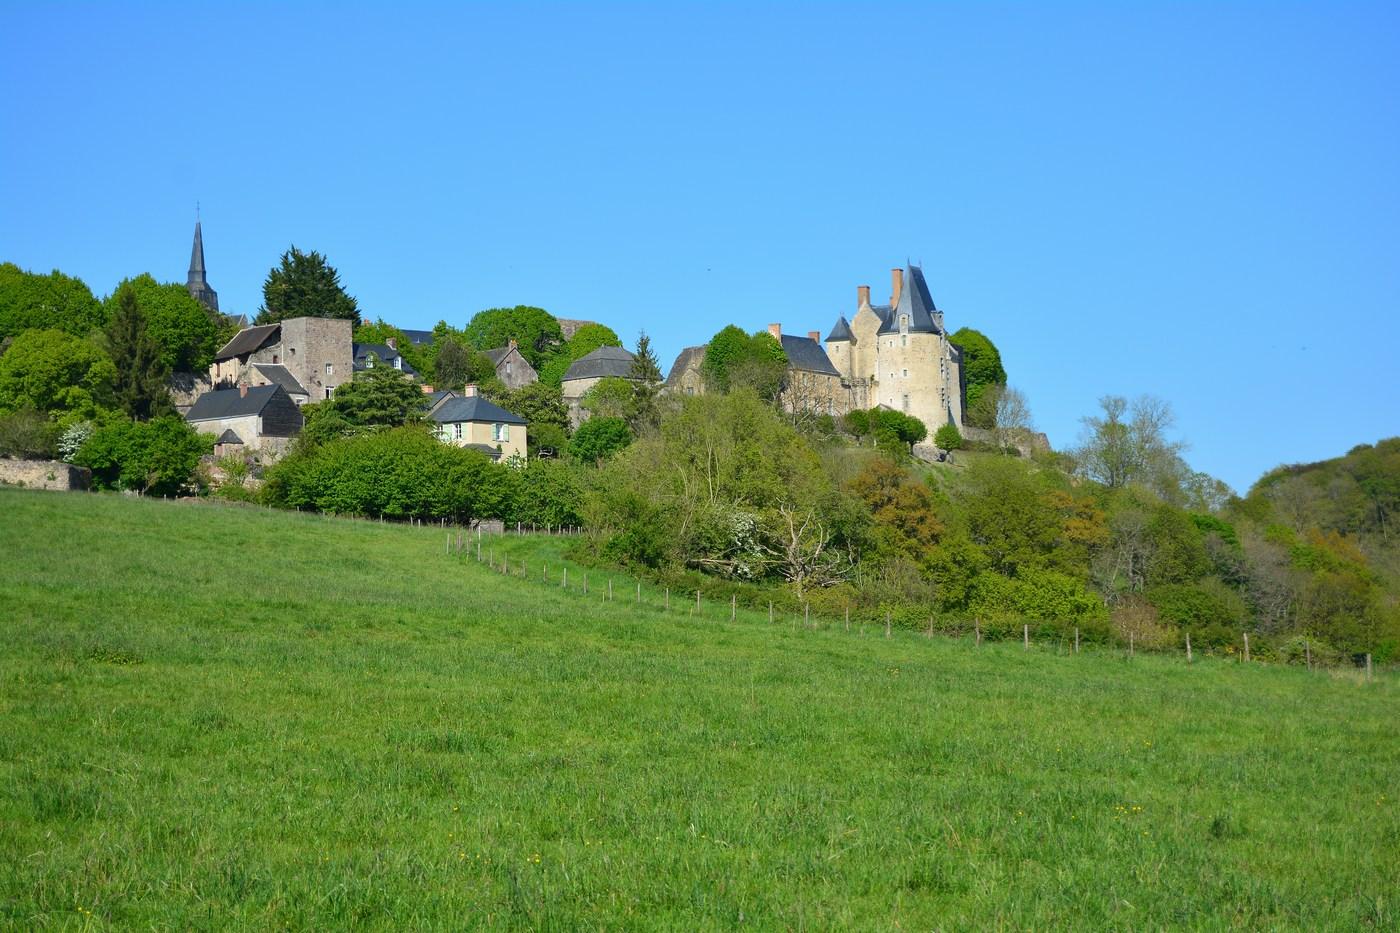 Vue du village lorsque l'on arrive par le Sud. On distingue le château sur la droite, ainsi que des morceaux de remparts.